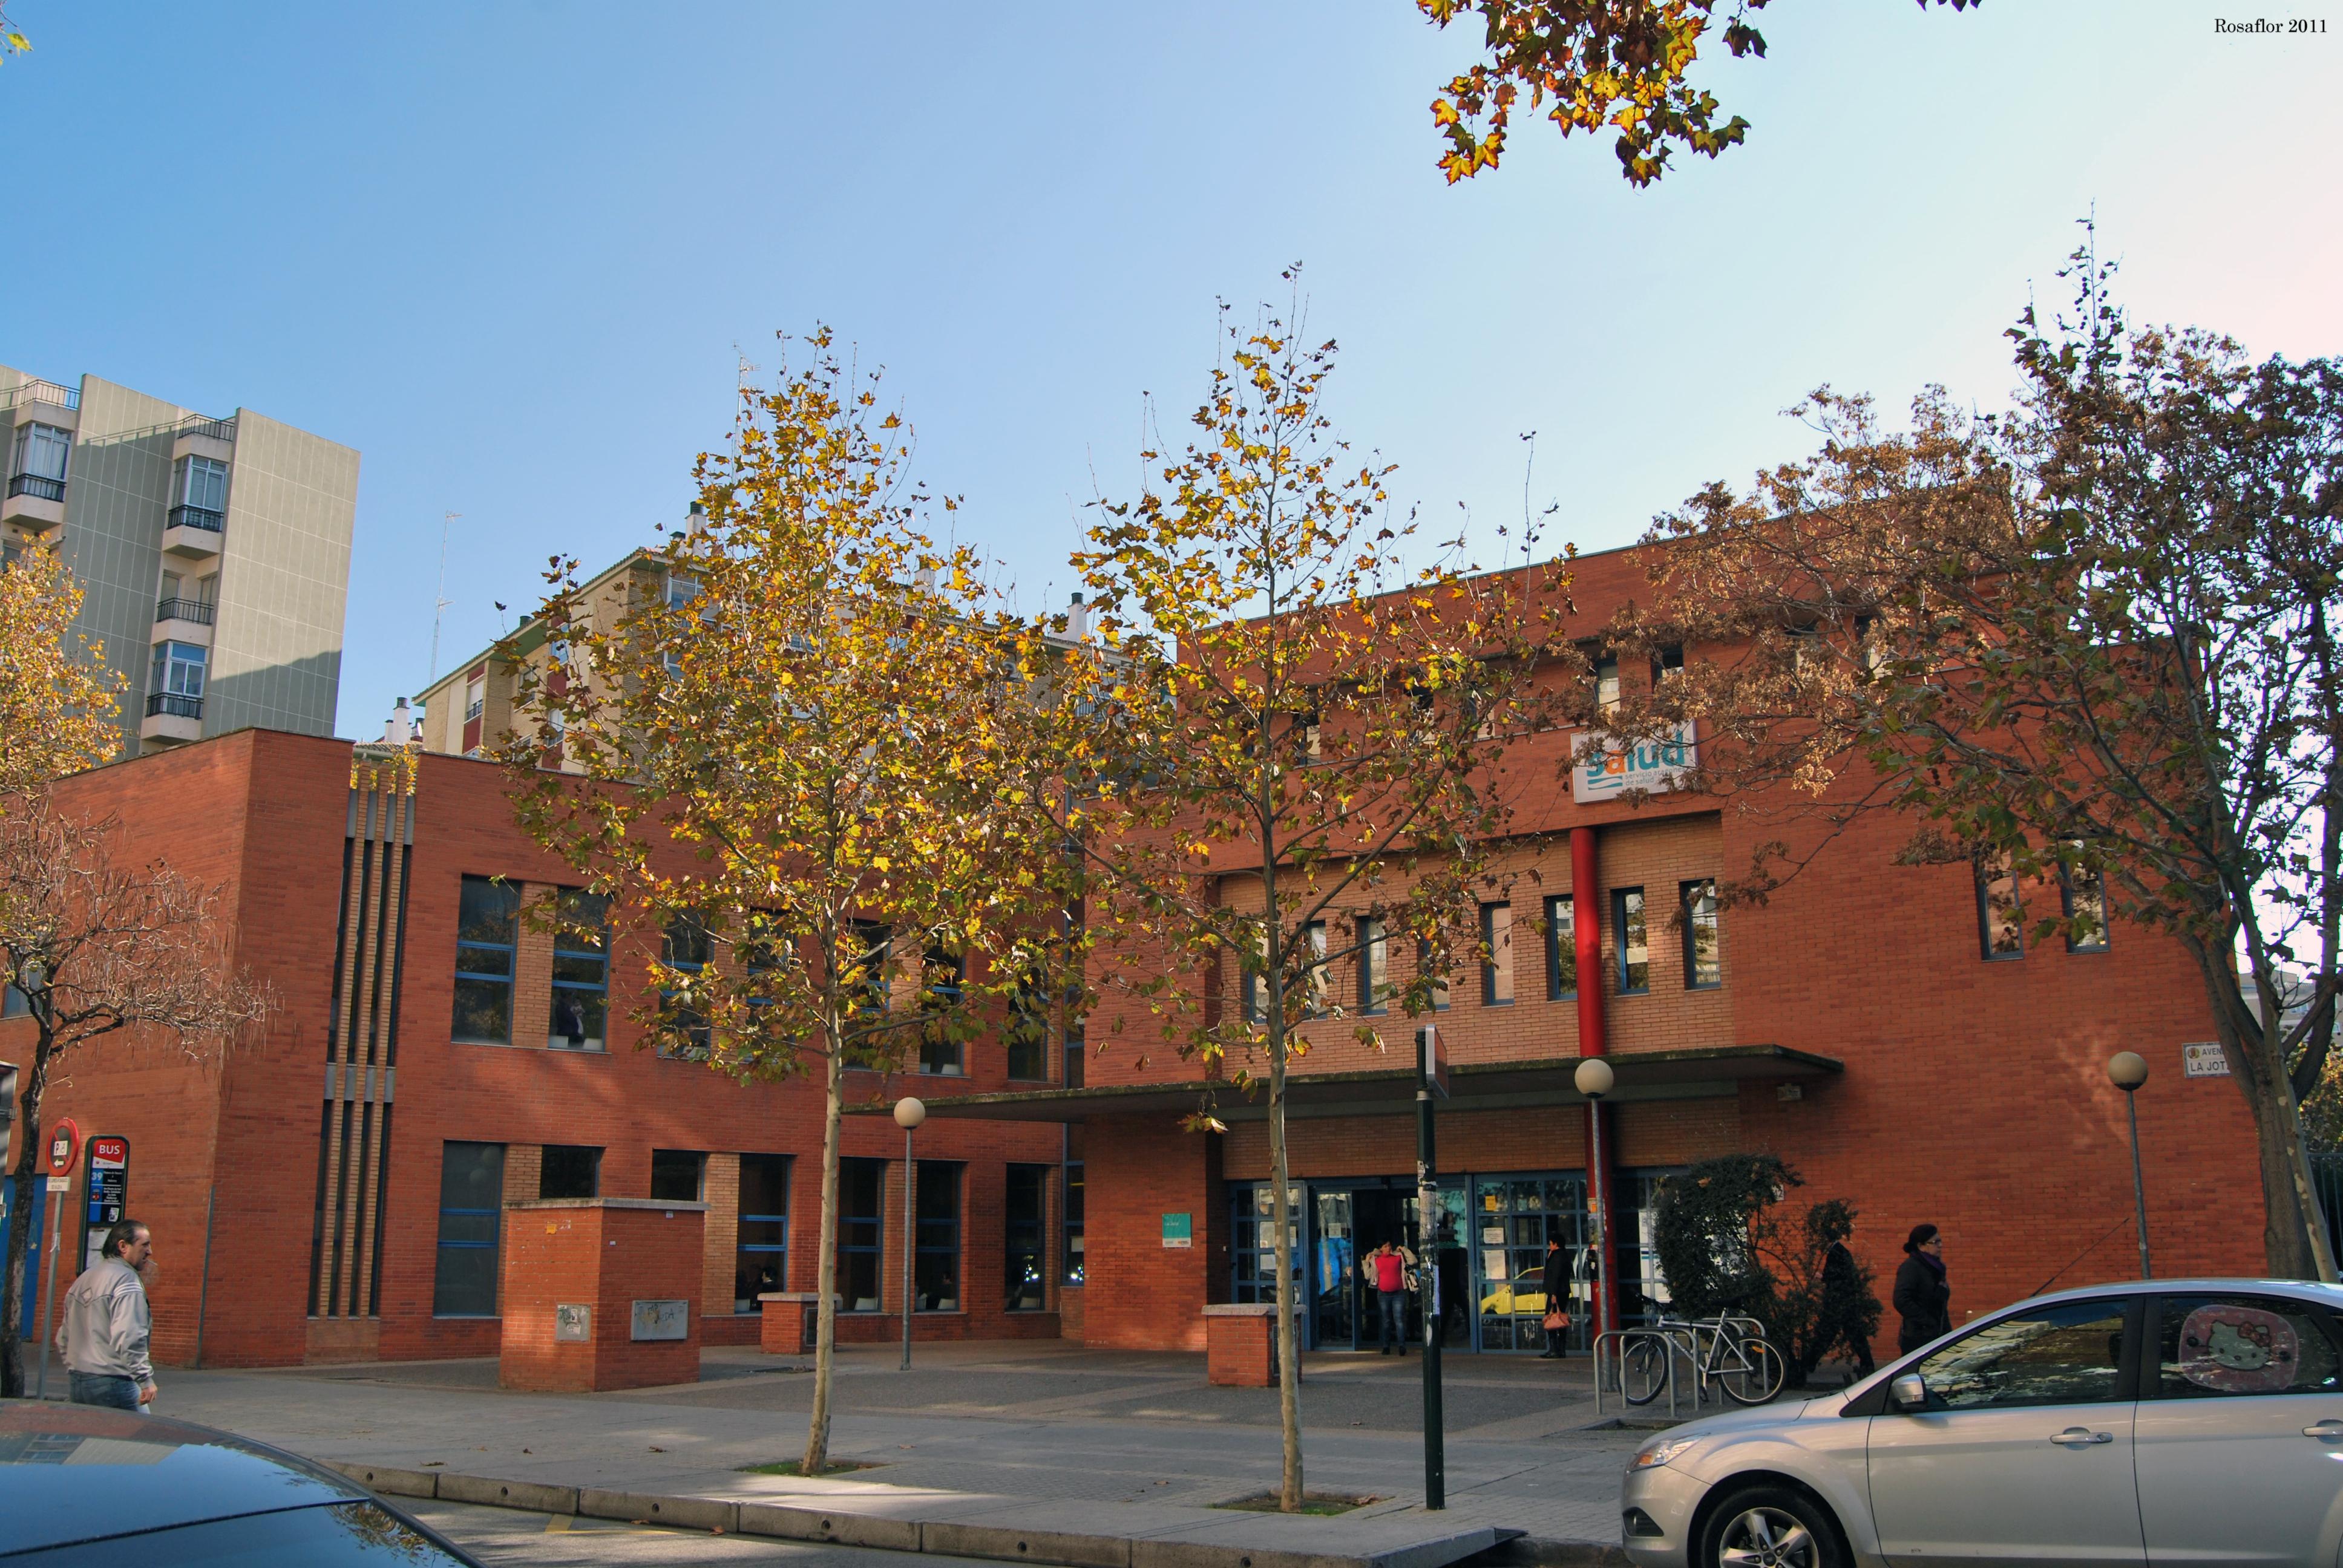 La Jota Y Barrio Jesús Reclaman Un Nuevo Centro De Salud Para Solucionar La Masificación Barrio La Jota